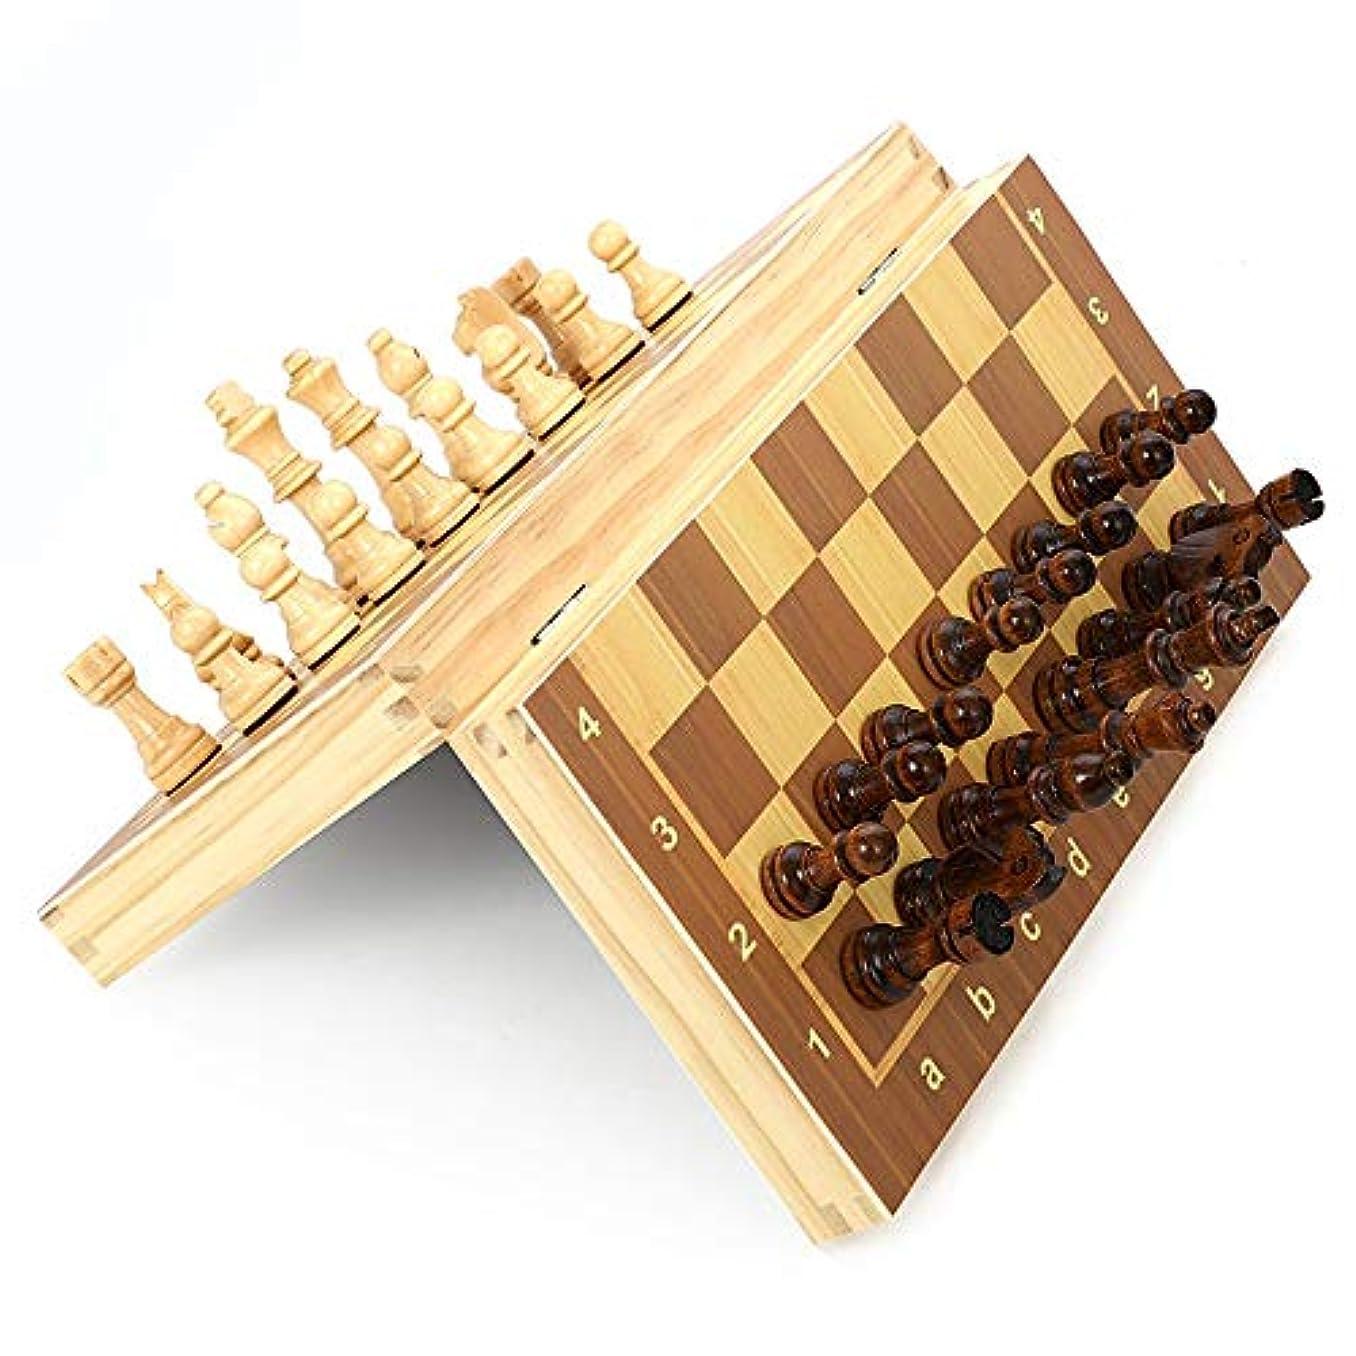 チェスセット チェスセット折りたたみ磁気木製標準チェスゲームボードセットで木製の細工された作品とチェスの収納スロット 子供と大人のための (色 : As picture, サイズ : 34*34cm)